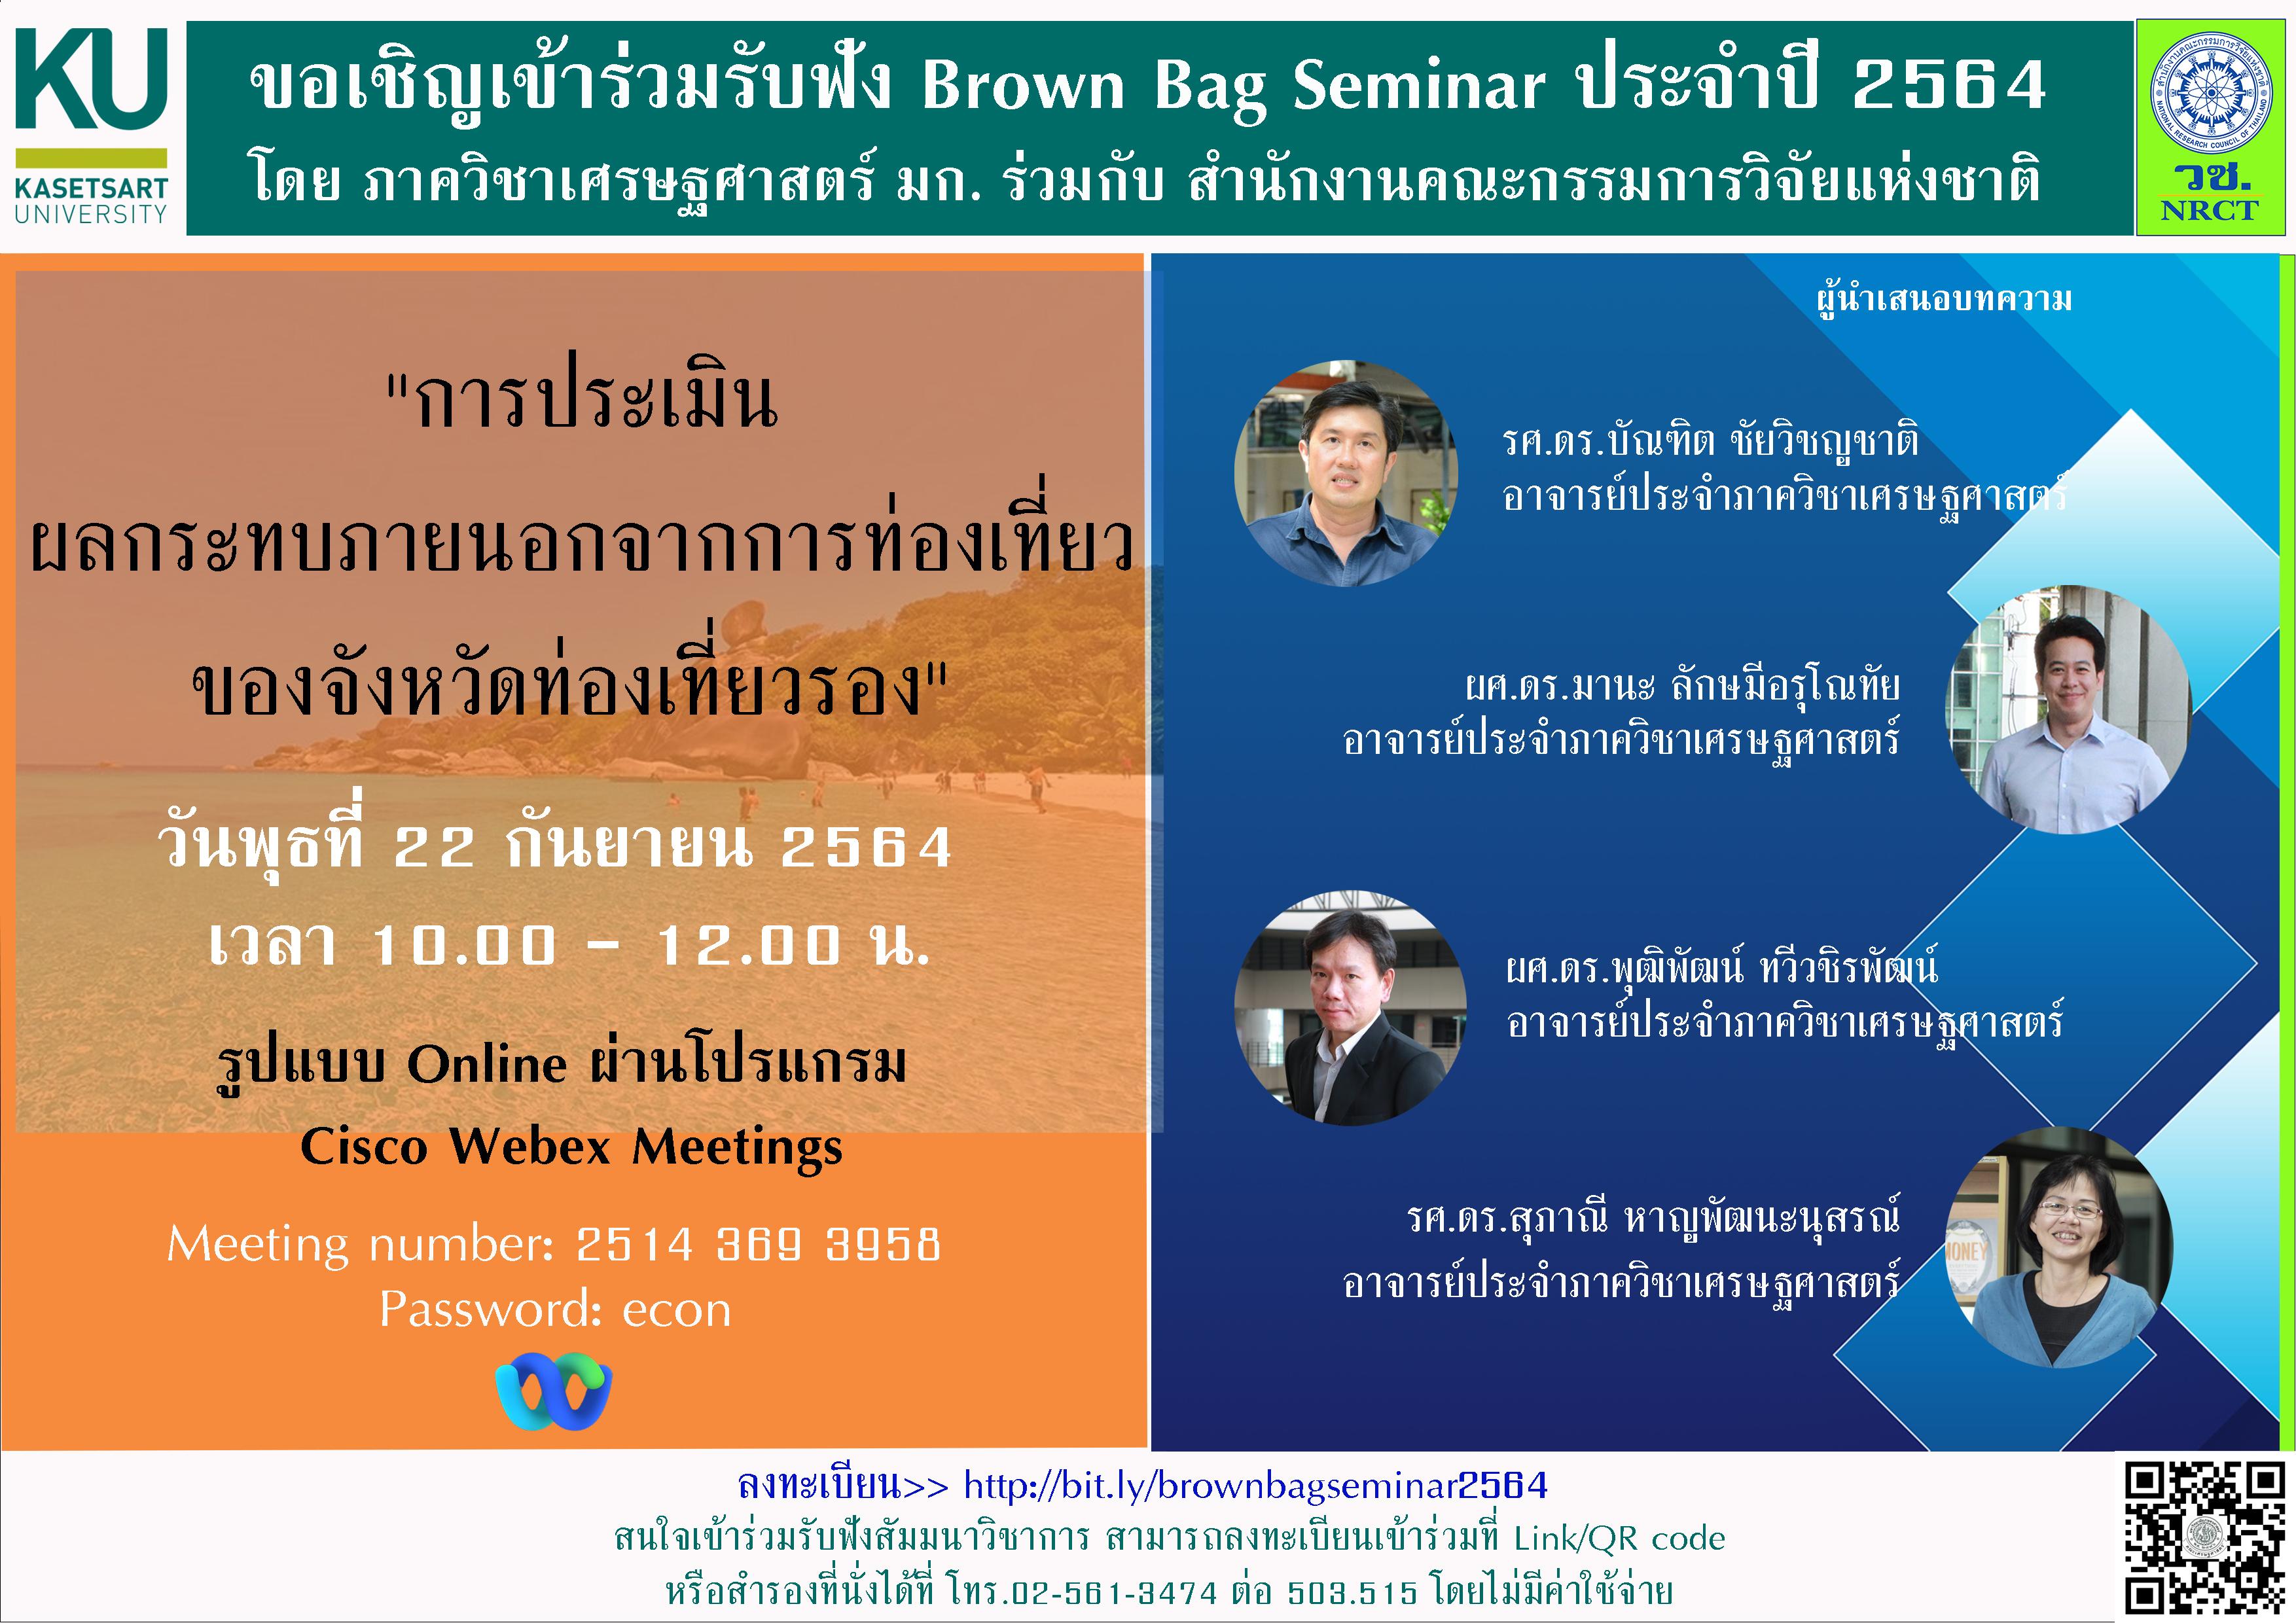 """ขอเชิญเข้าร่วมรับฟังสัมมนาวิชาการ Brown Bag Seminar ประจำปี 2564 ครั้งที่ 5 โดย ภาควิชาเศรษฐศาสตร์ มก. ร่วมกับ สำนักงานคณะกรรมการวิจัยแห่งชาติ  เรื่อง""""การประเมินผลกระทบภายนอกจากการท่องเที่ยวของจังหวัดท่องเที่ยวรอง"""" ในวันพุธที่ 22 กันยายน 2564 เวลา 10.00–12.00 น."""